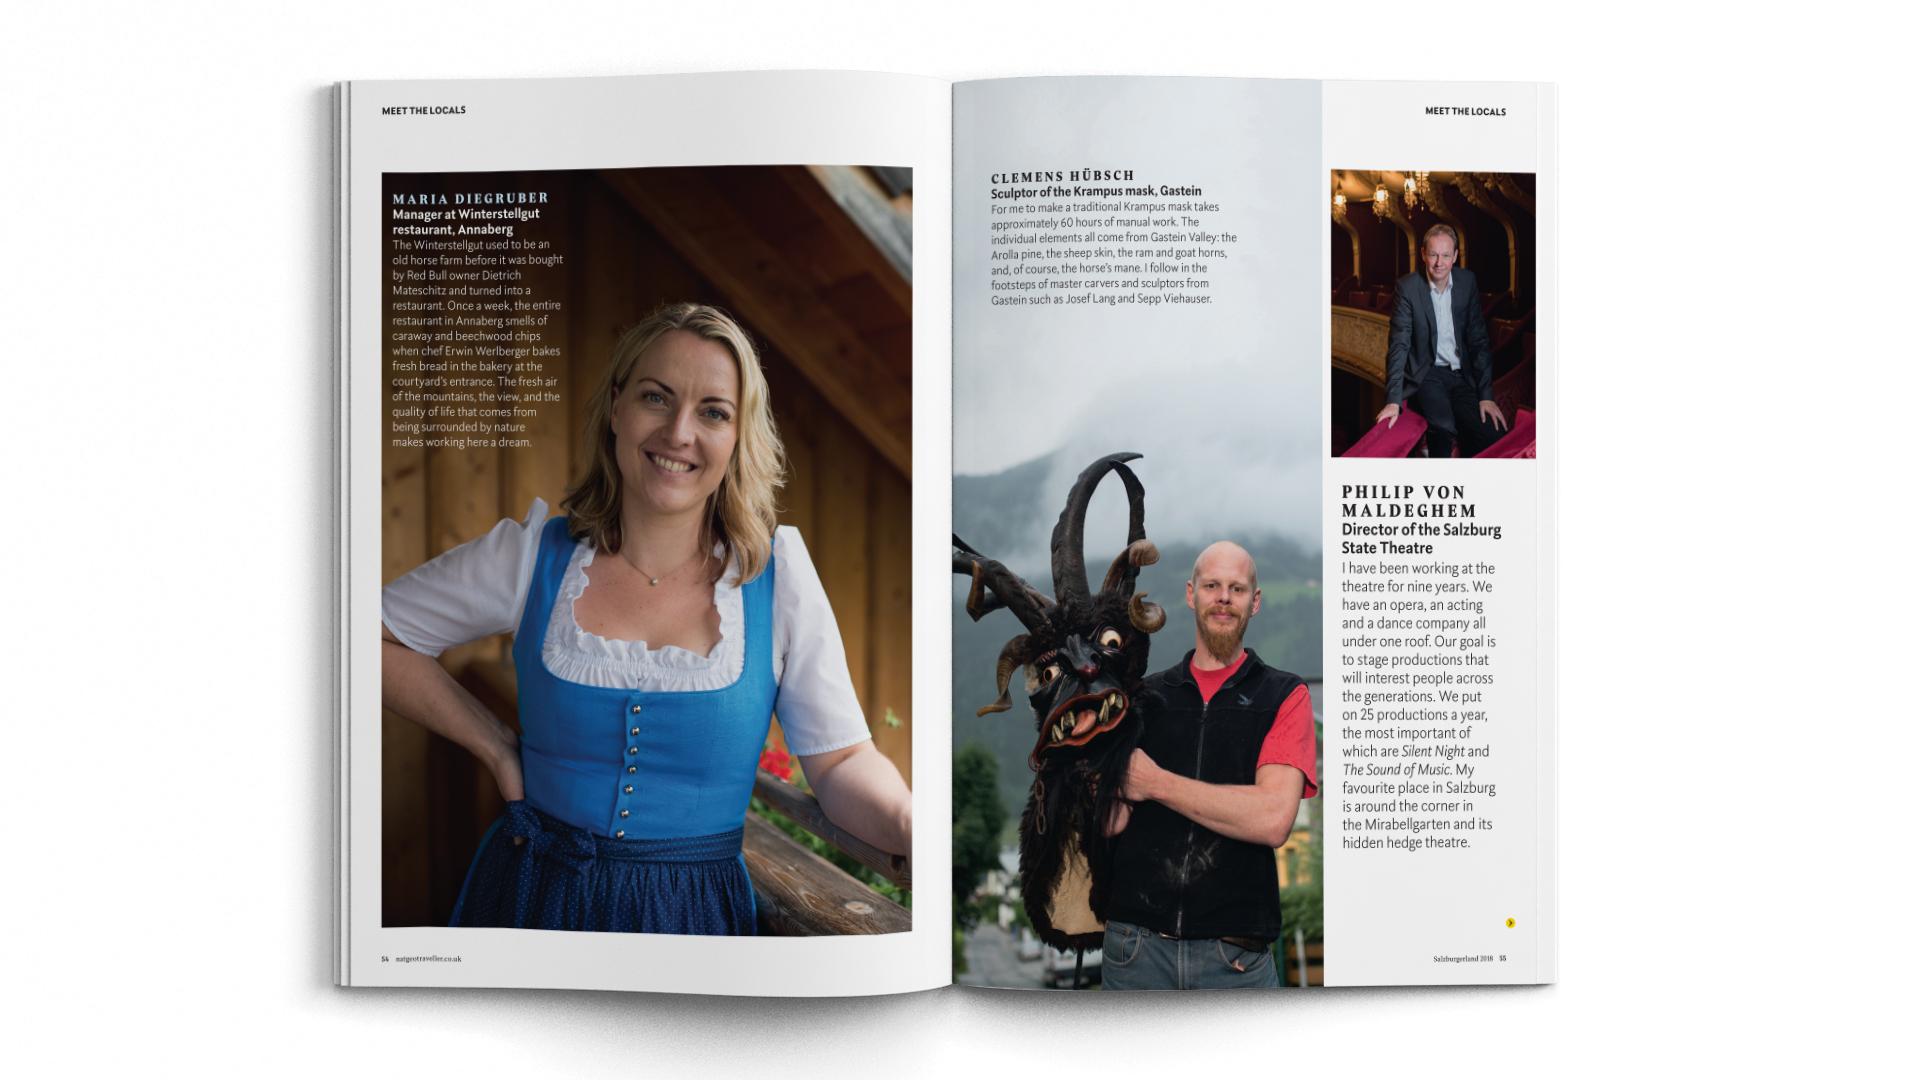 A4-Magazine-DPS-NGT-SALZ-Meet-the-locals-1